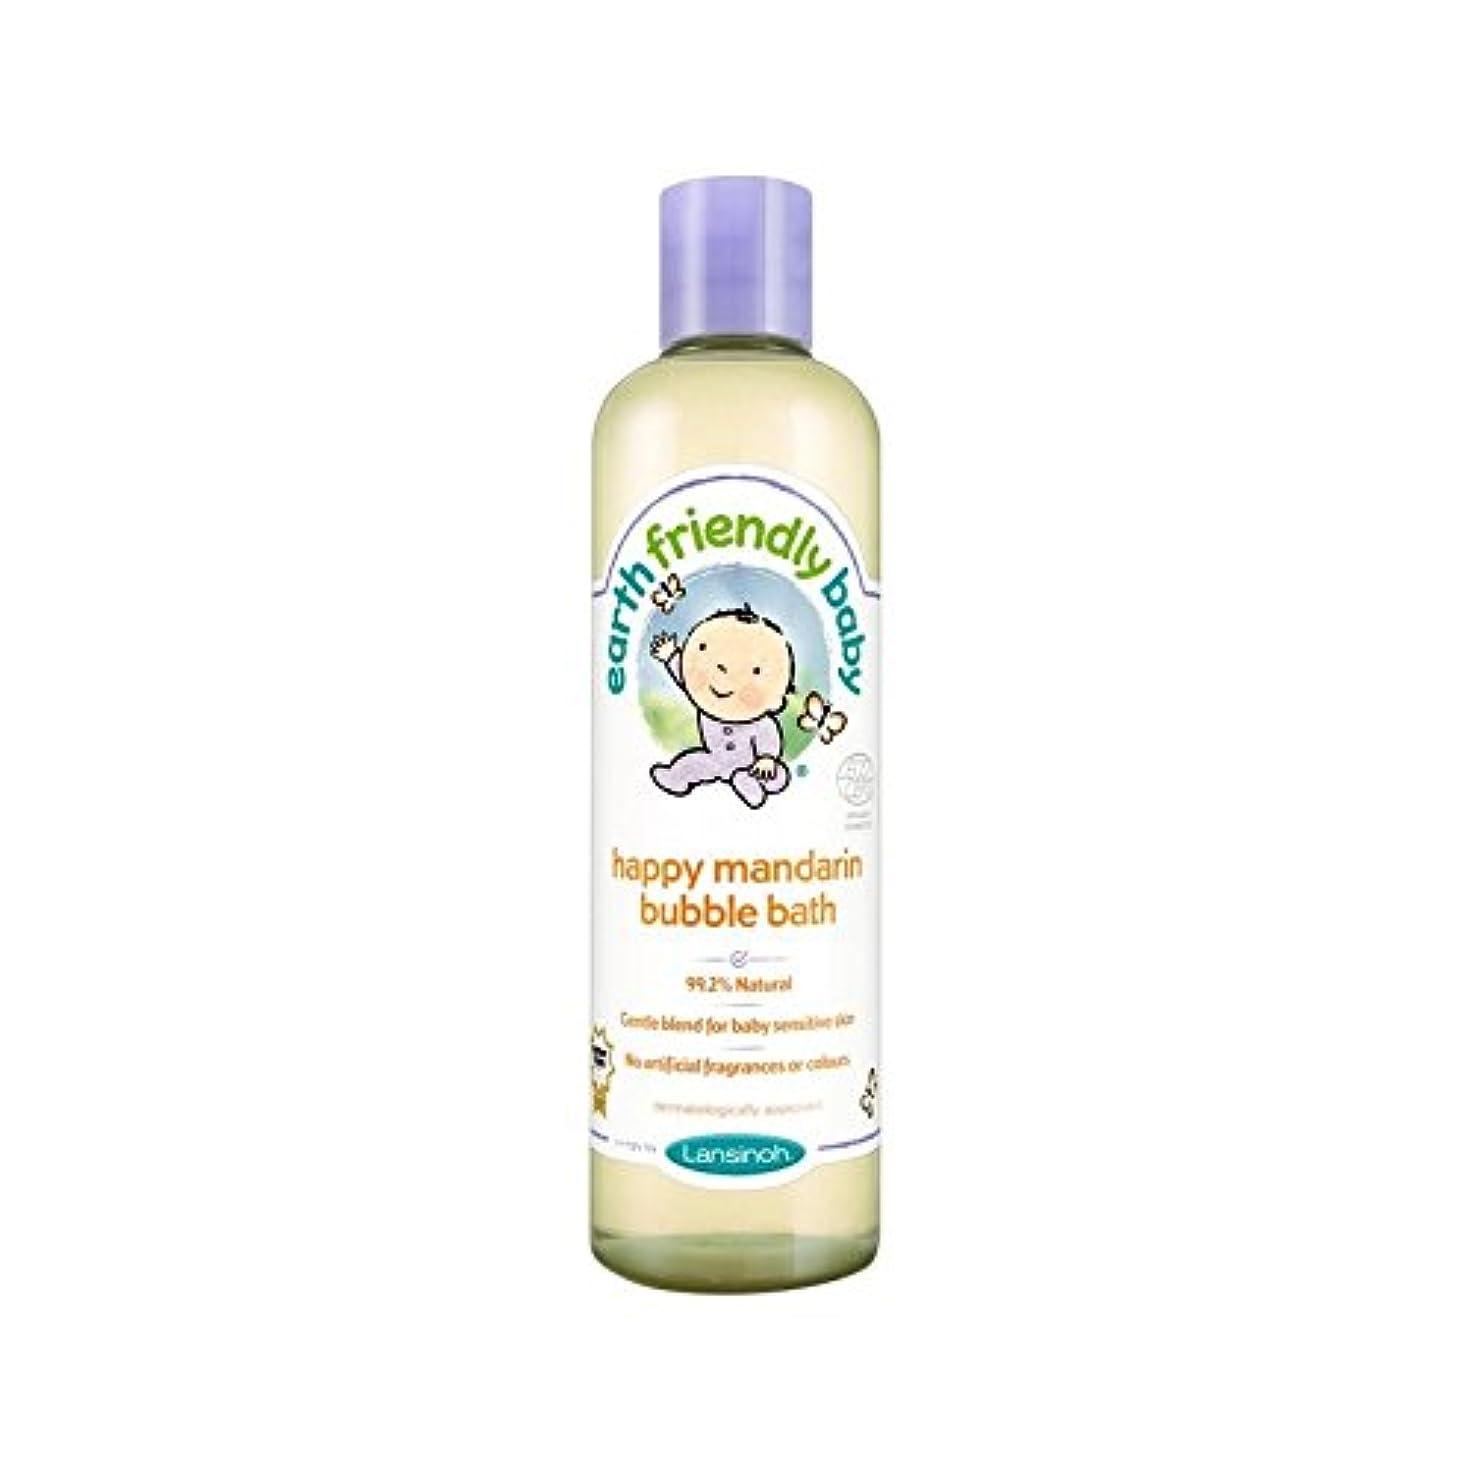 赤ちゃん幸せなマンダリン泡風呂のエコサートの300ミリリットル (Earth Friendly) (x 4) - Earth Friendly Baby Happy Mandarin Bubble Bath ECOCERT...